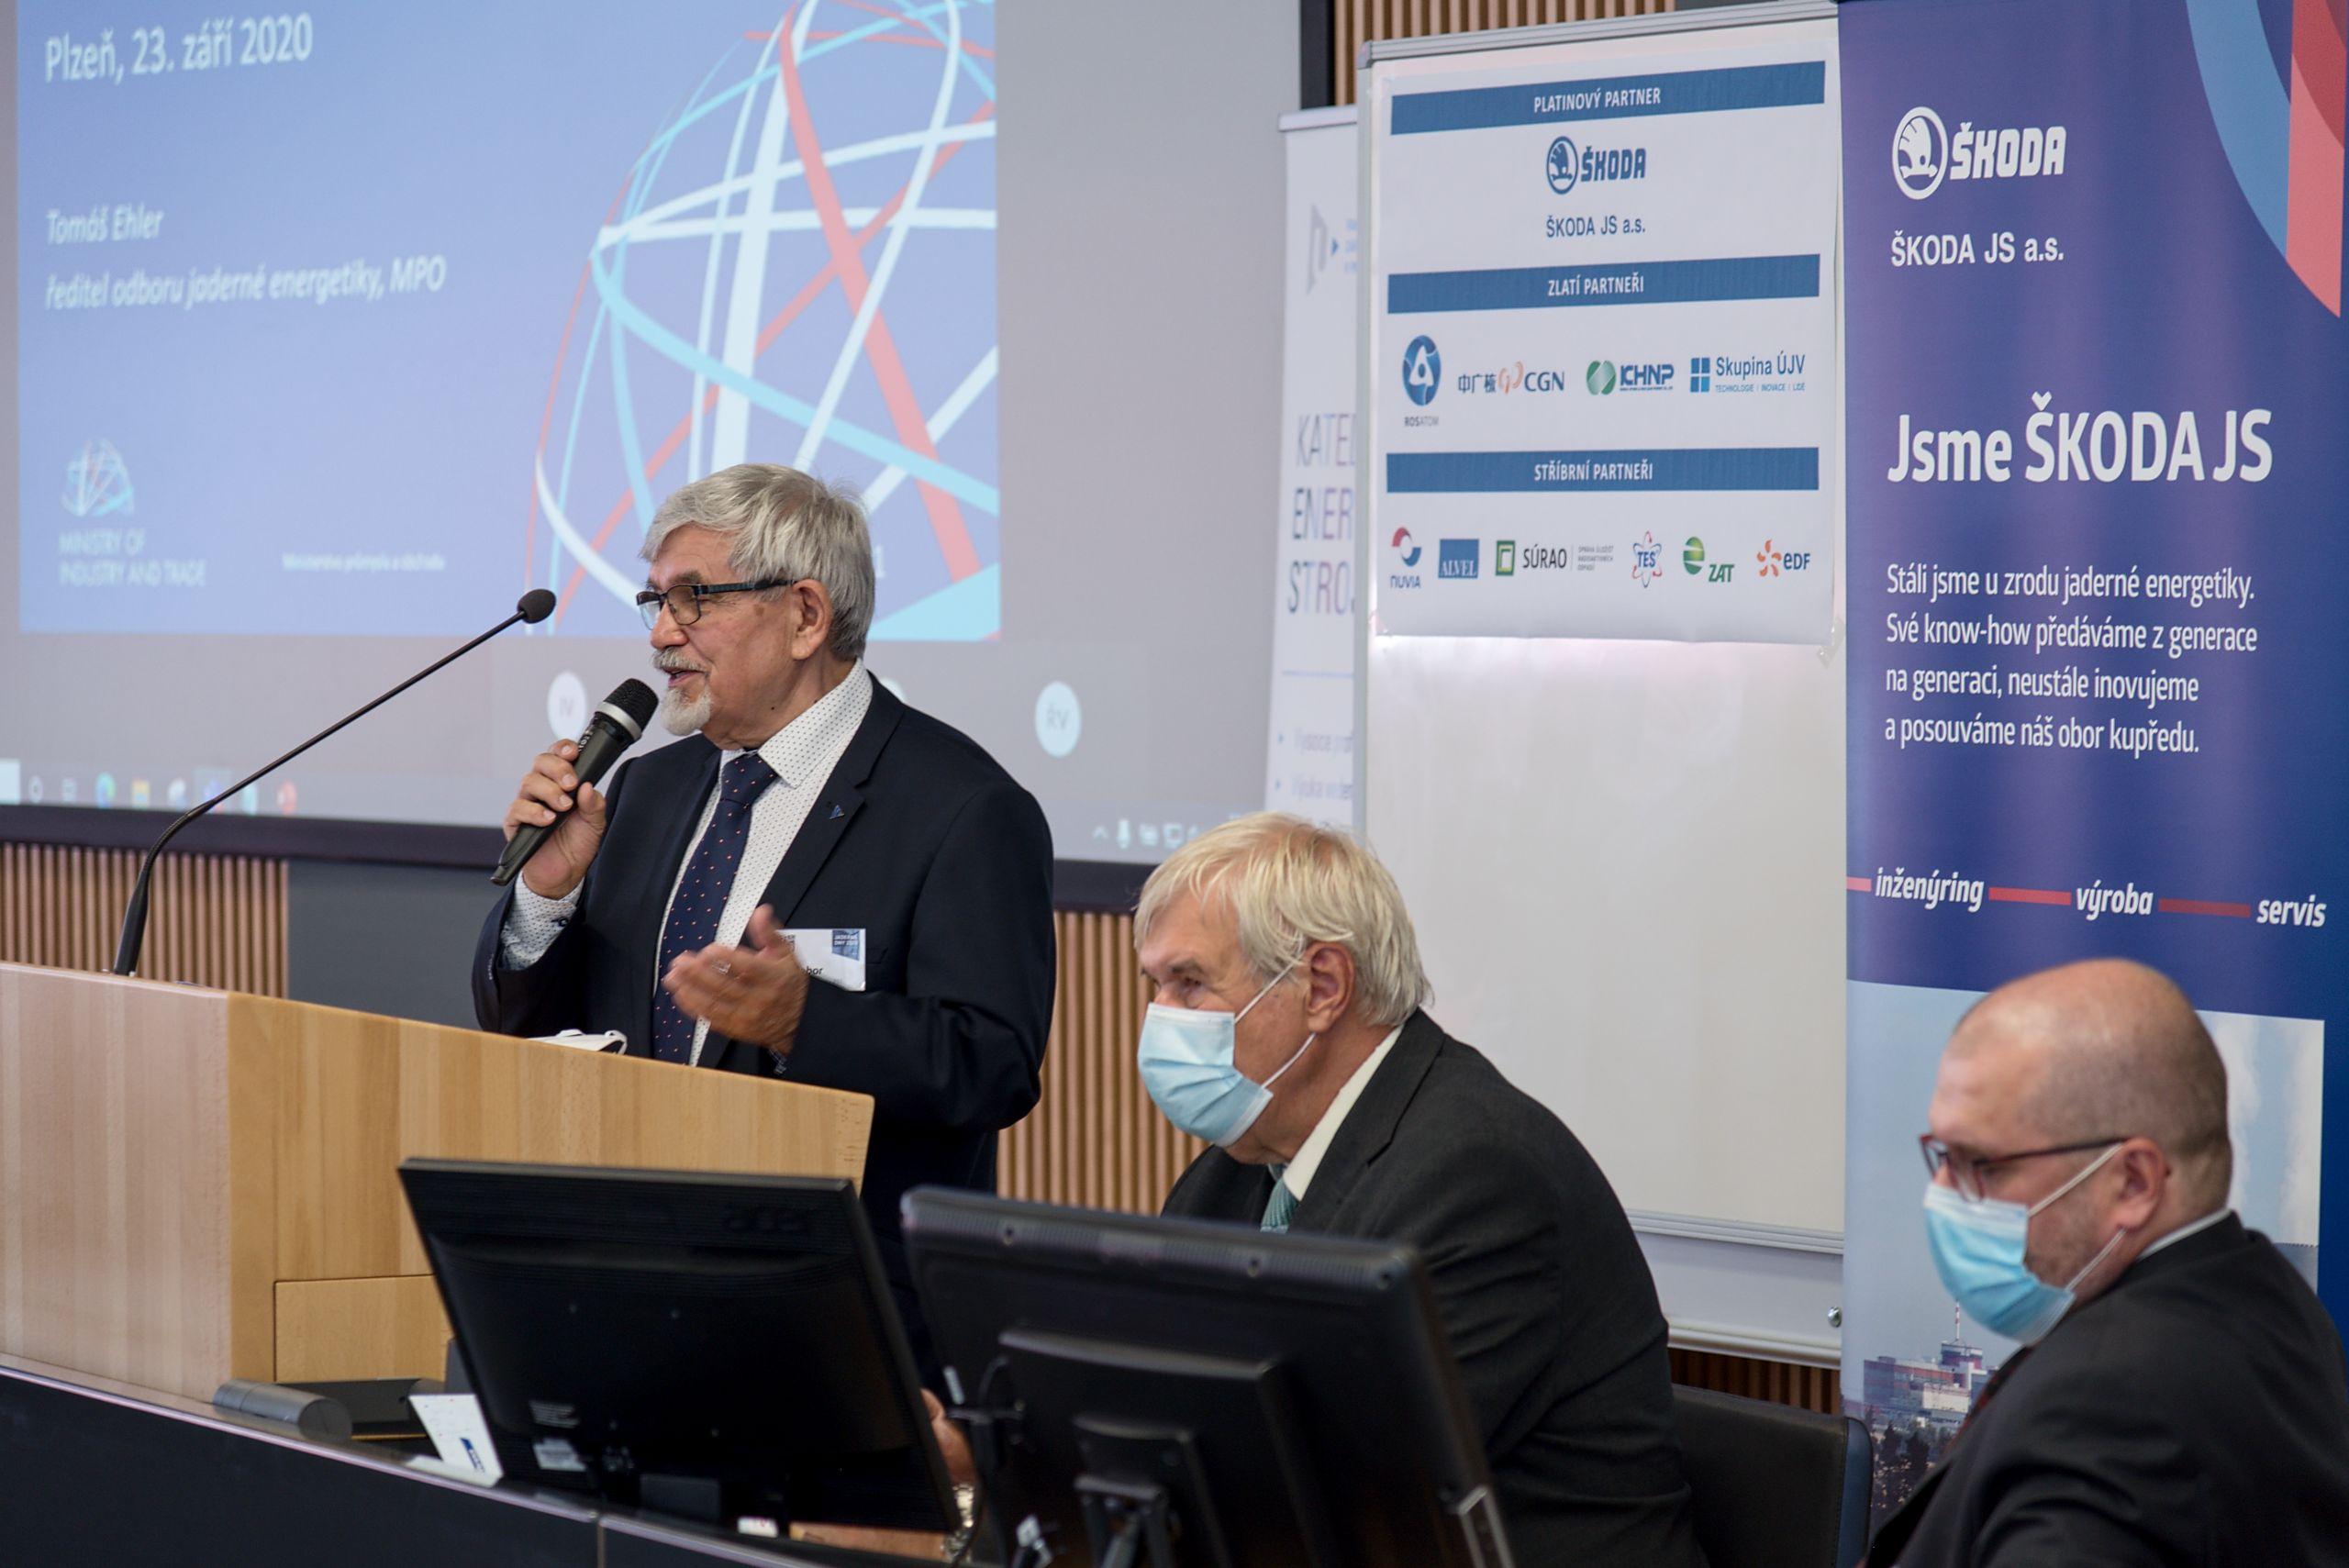 jaderná energie - Jaderné dny 2020: Krátce před očekávaným vyhlášením tendru se mění nabízené projekty - Nové bloky v ČR (DSC 8628) 2